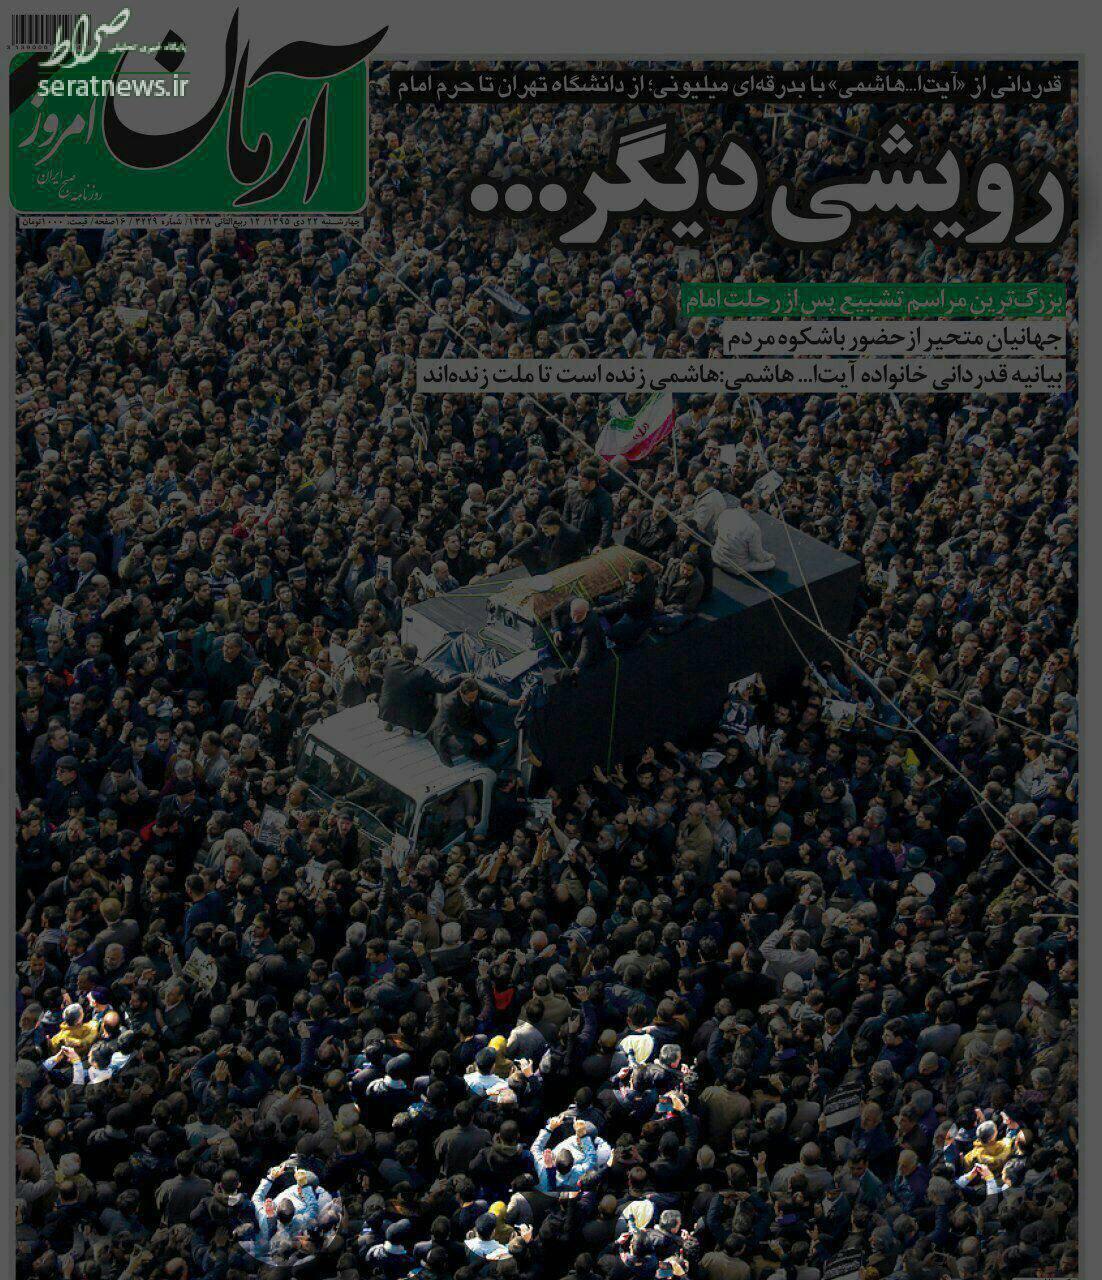 عکس فتوشاپی برای بیشتر نشان دادن تعداد تشییع کنندگان هاشمی